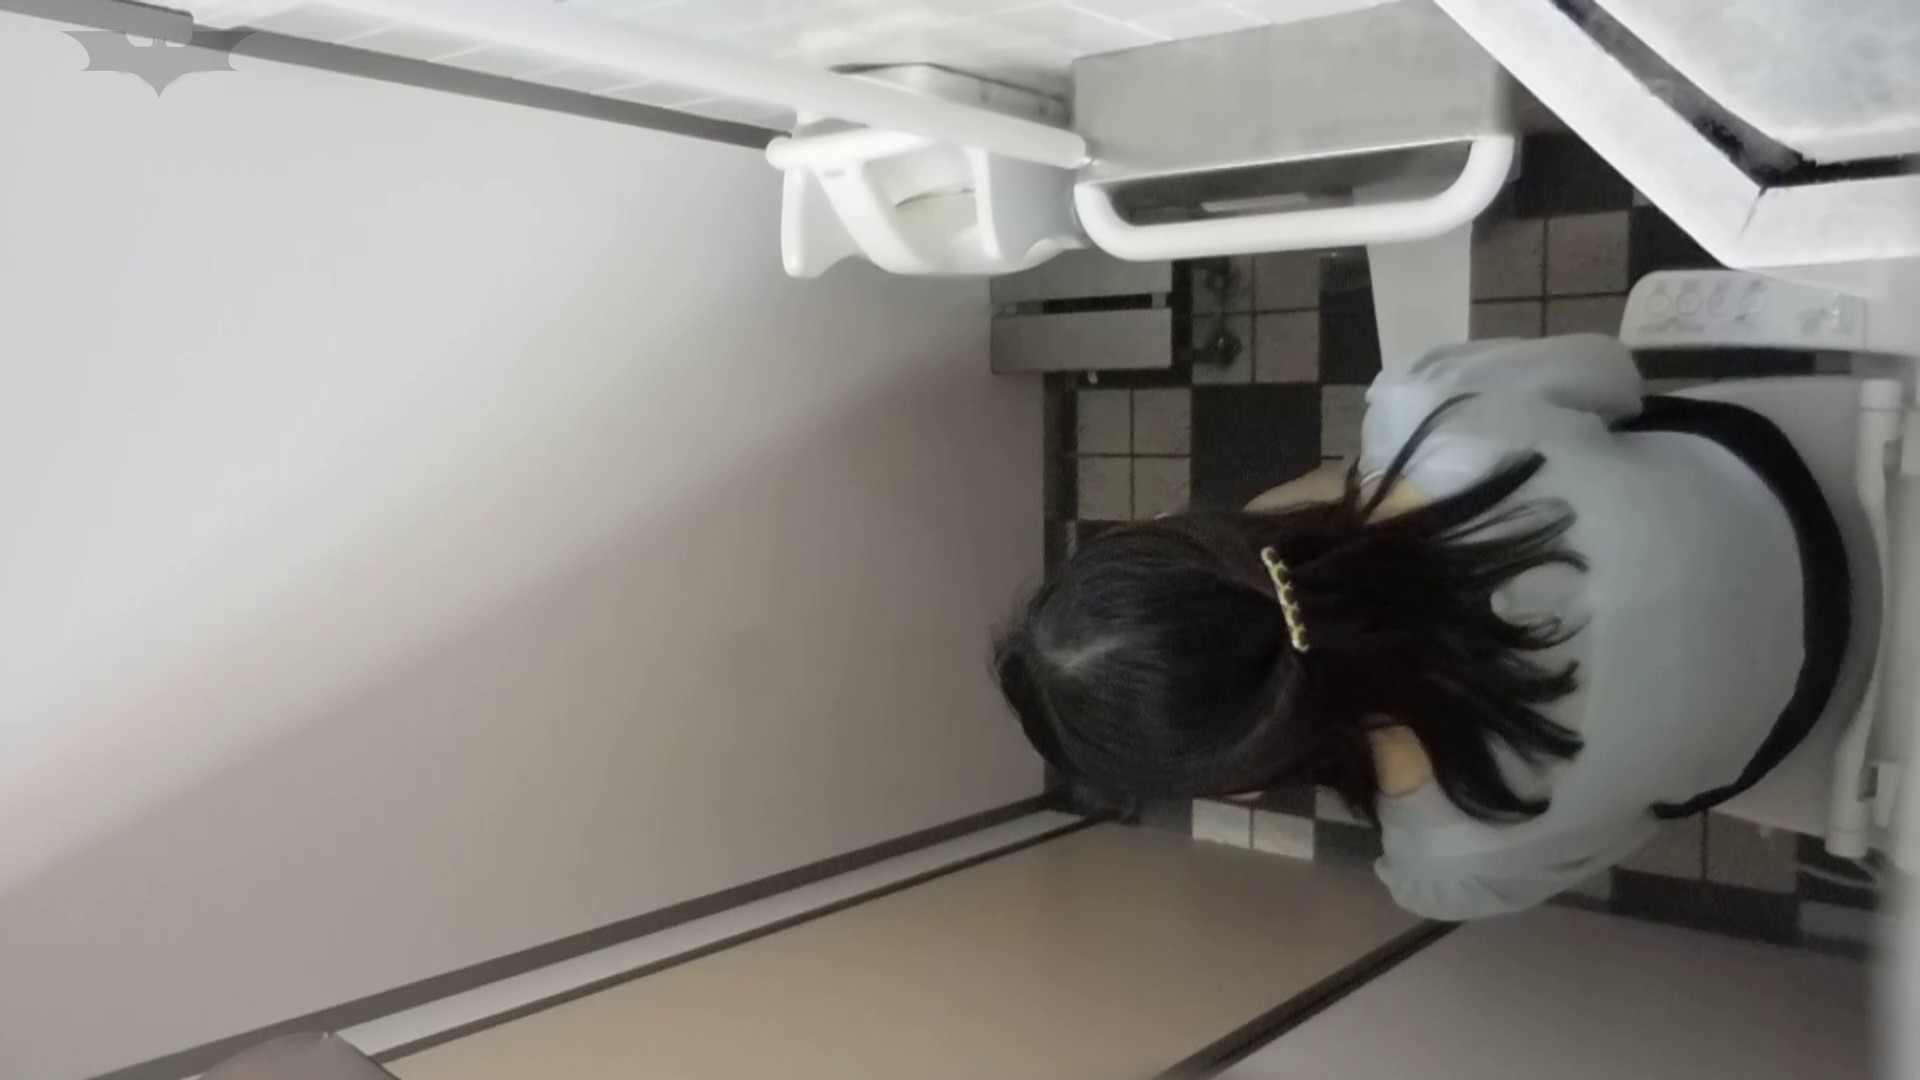 化粧室絵巻 駅舎編 VOL.21 ヨリドリミドリ!!選びたい放題です。 ギャル達 AV無料 89枚 37